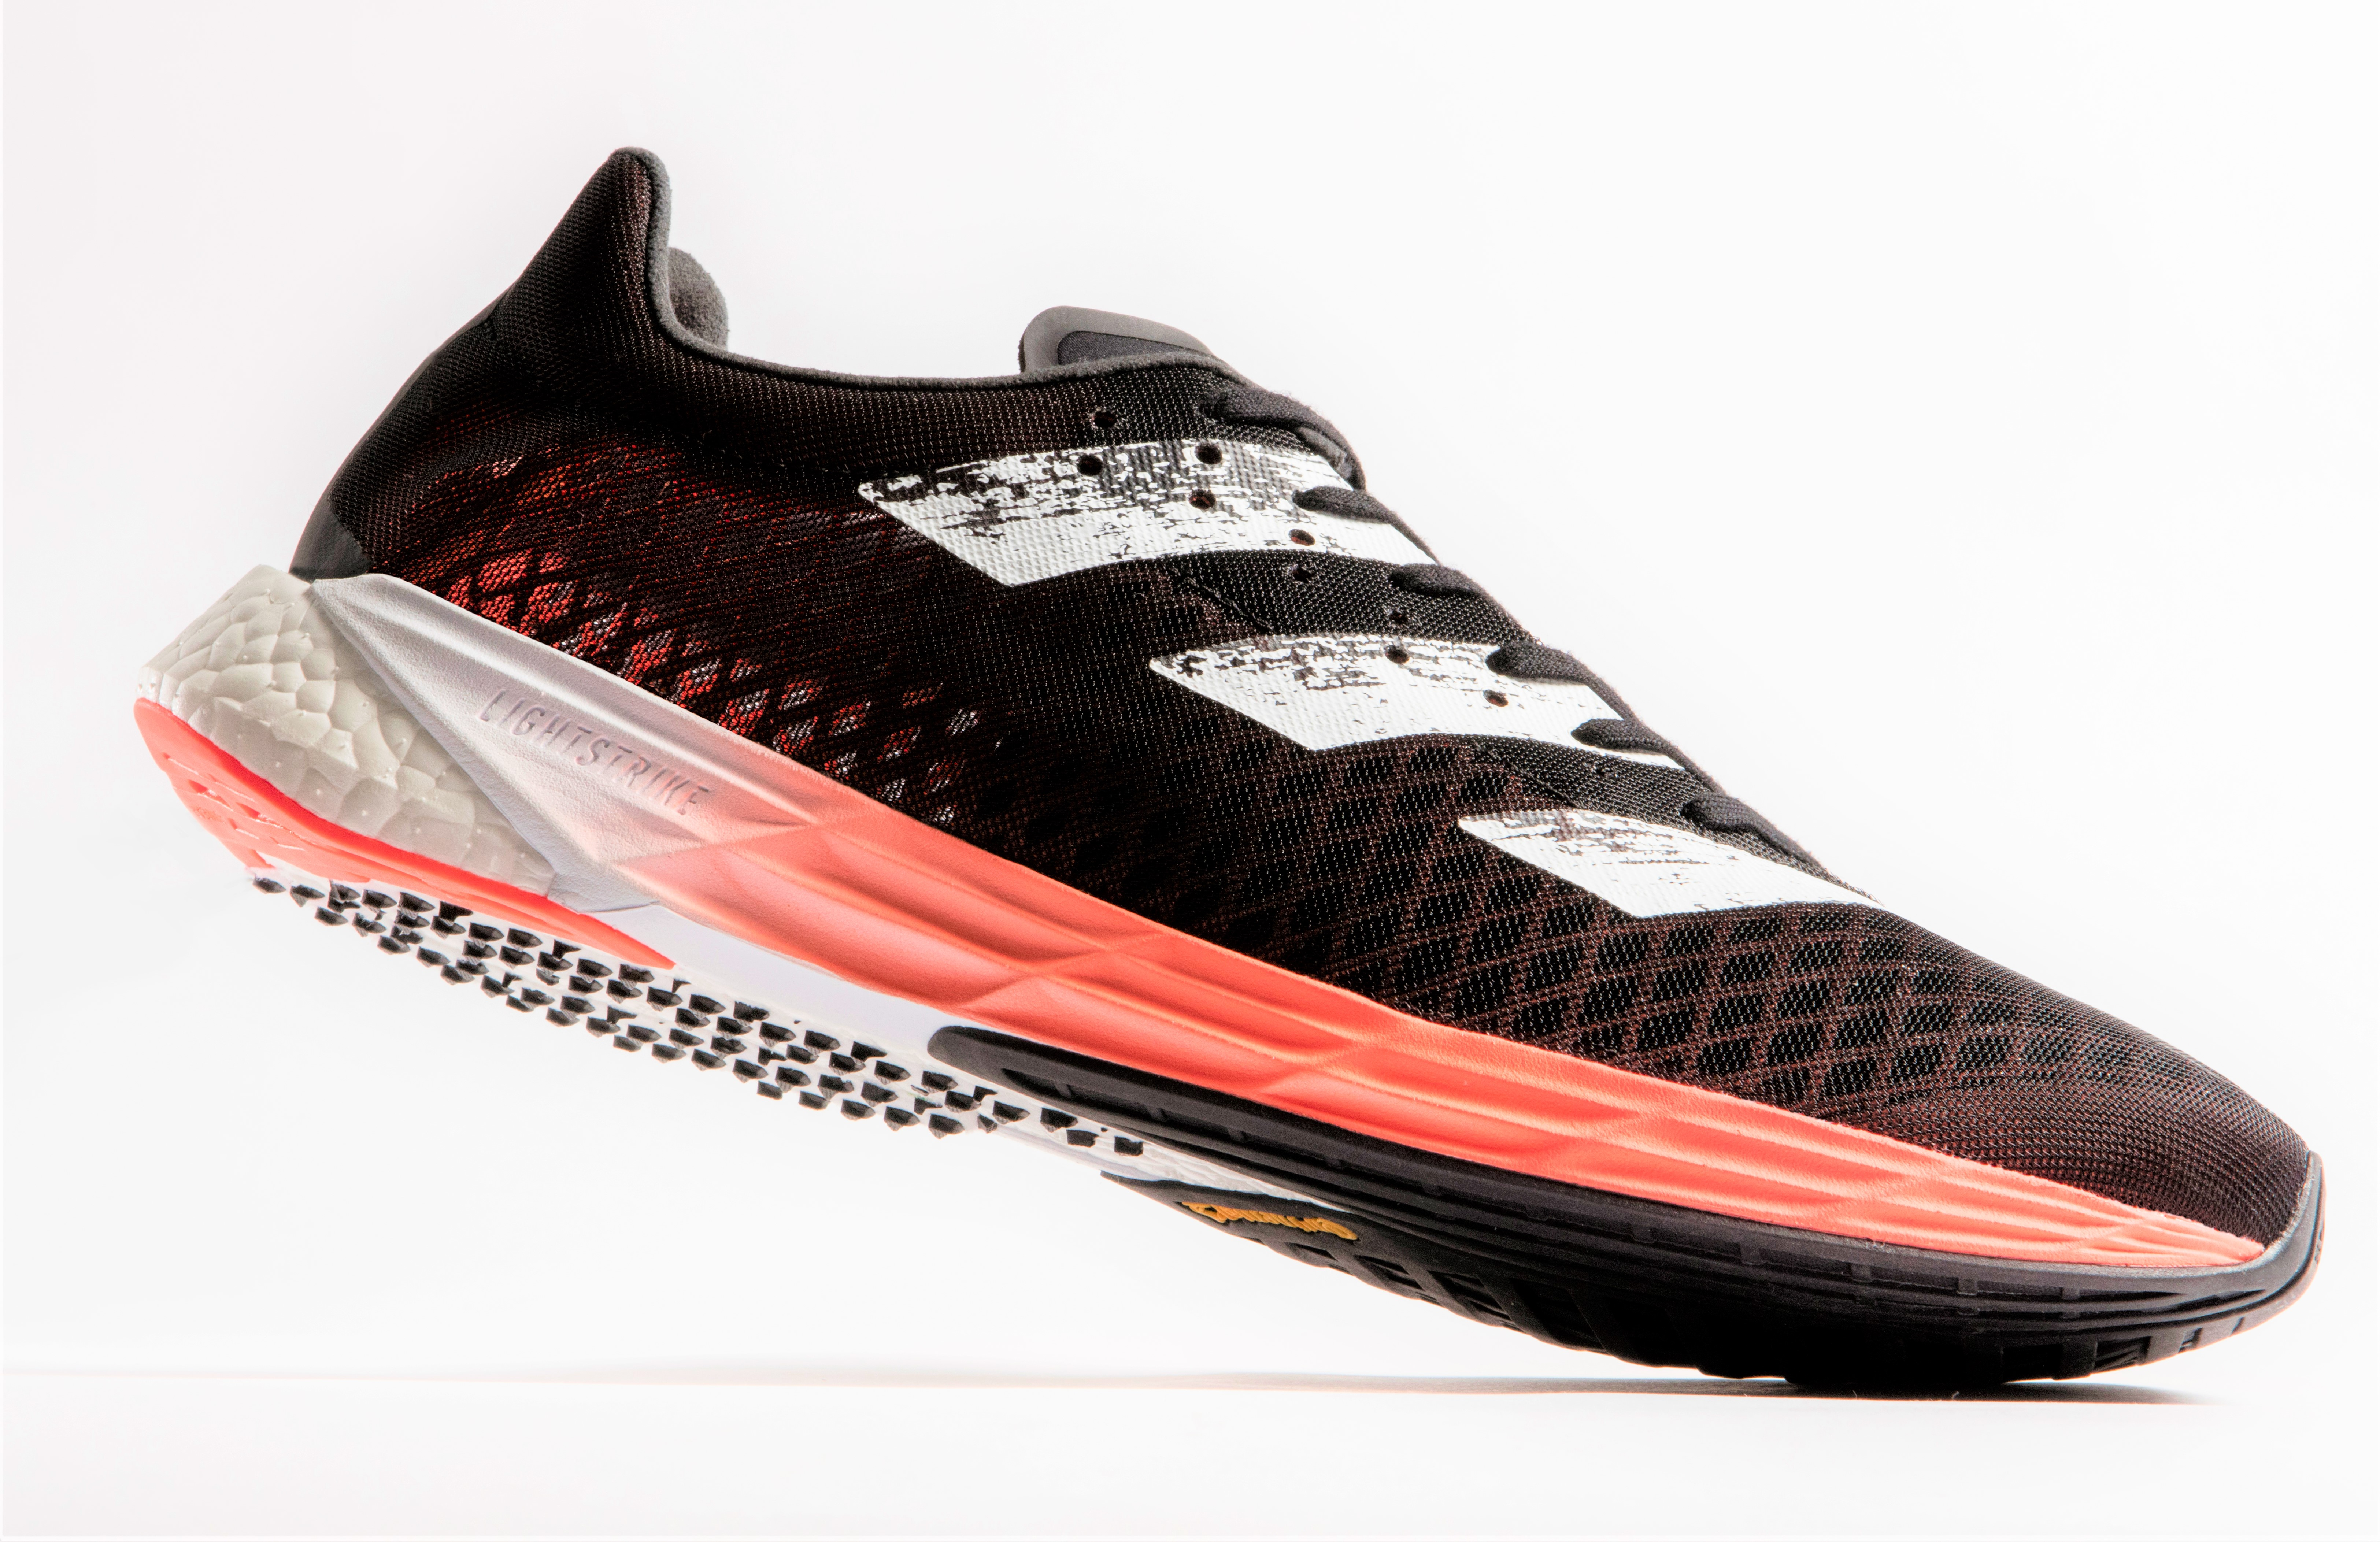 Adidas AdizeroPro: Buscando la zapatilla voladora perfecta. El contraataque de las tres bandas.